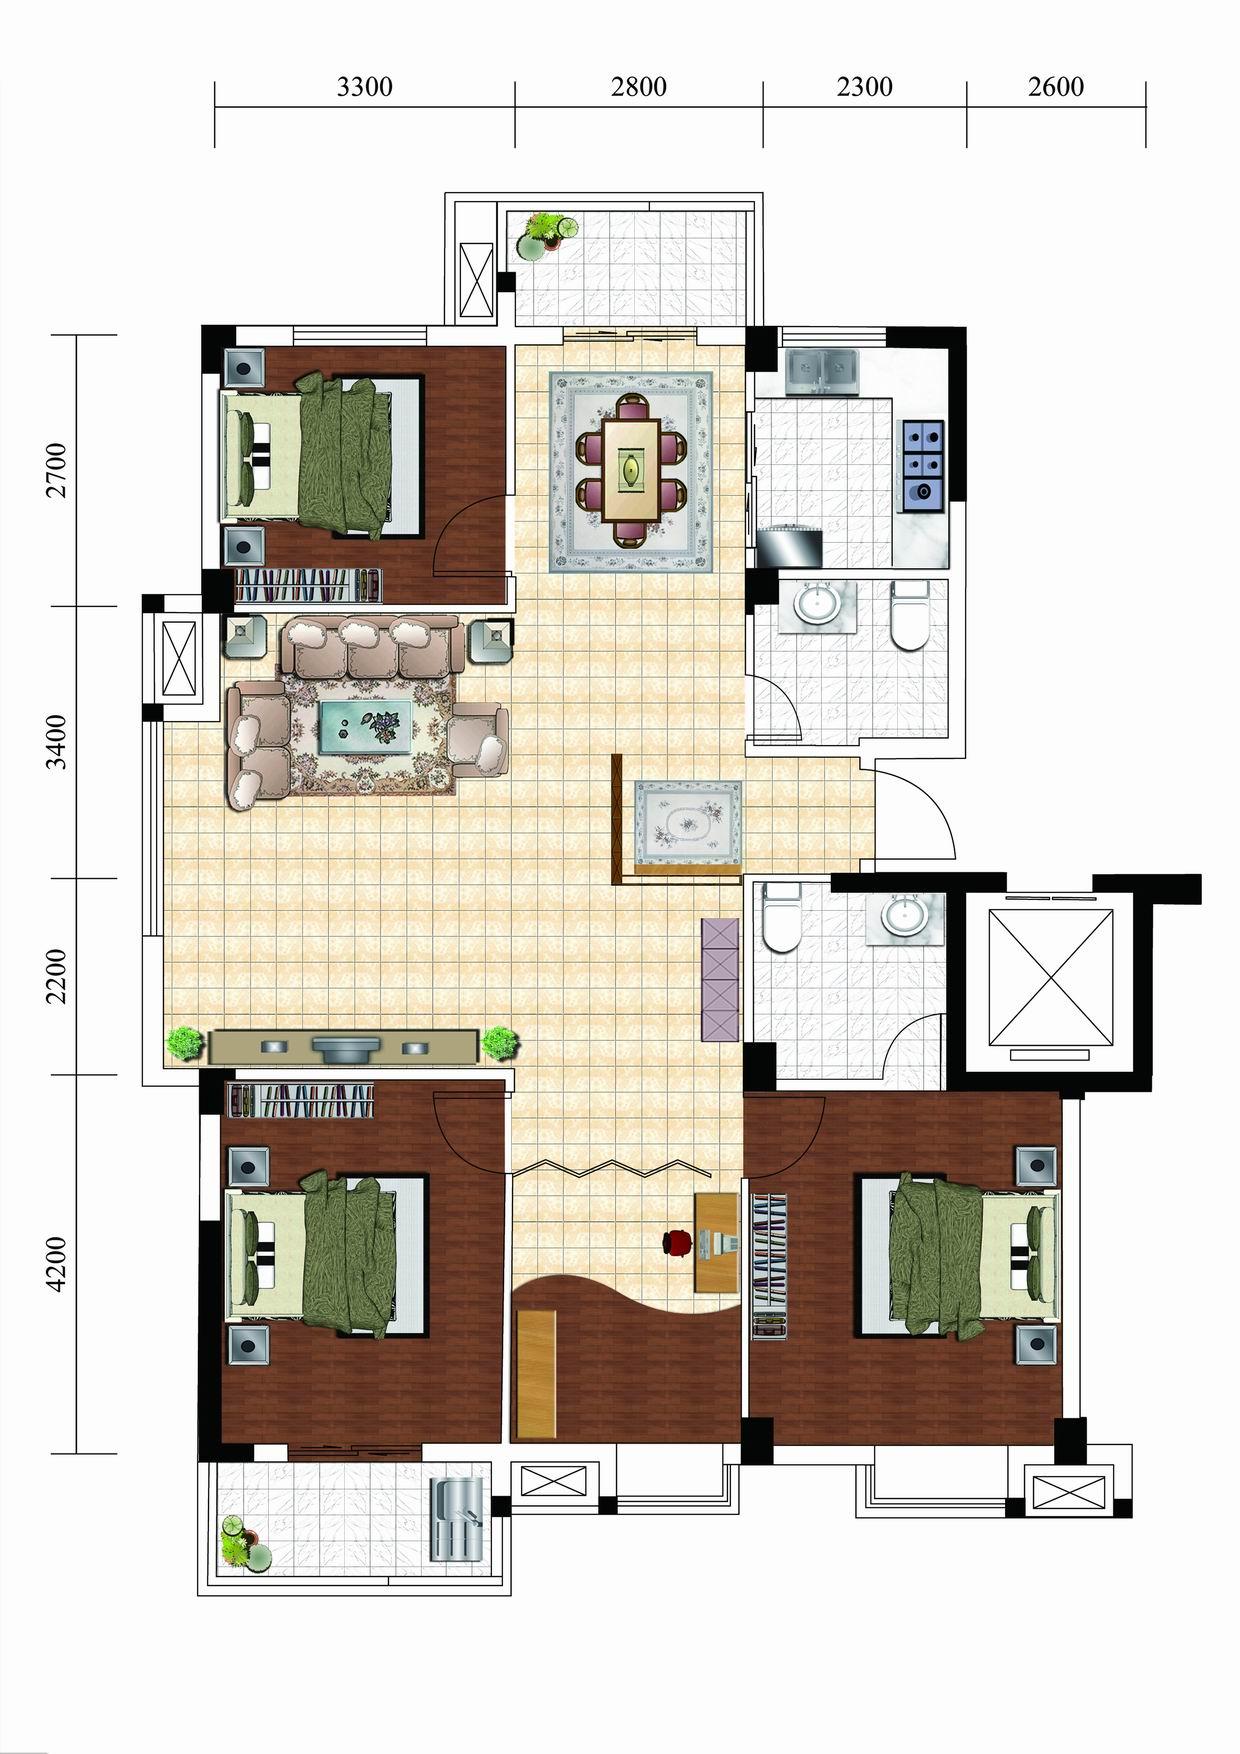 求120平房屋设计图及效果图,附平面图,不含家电装修预算12万.